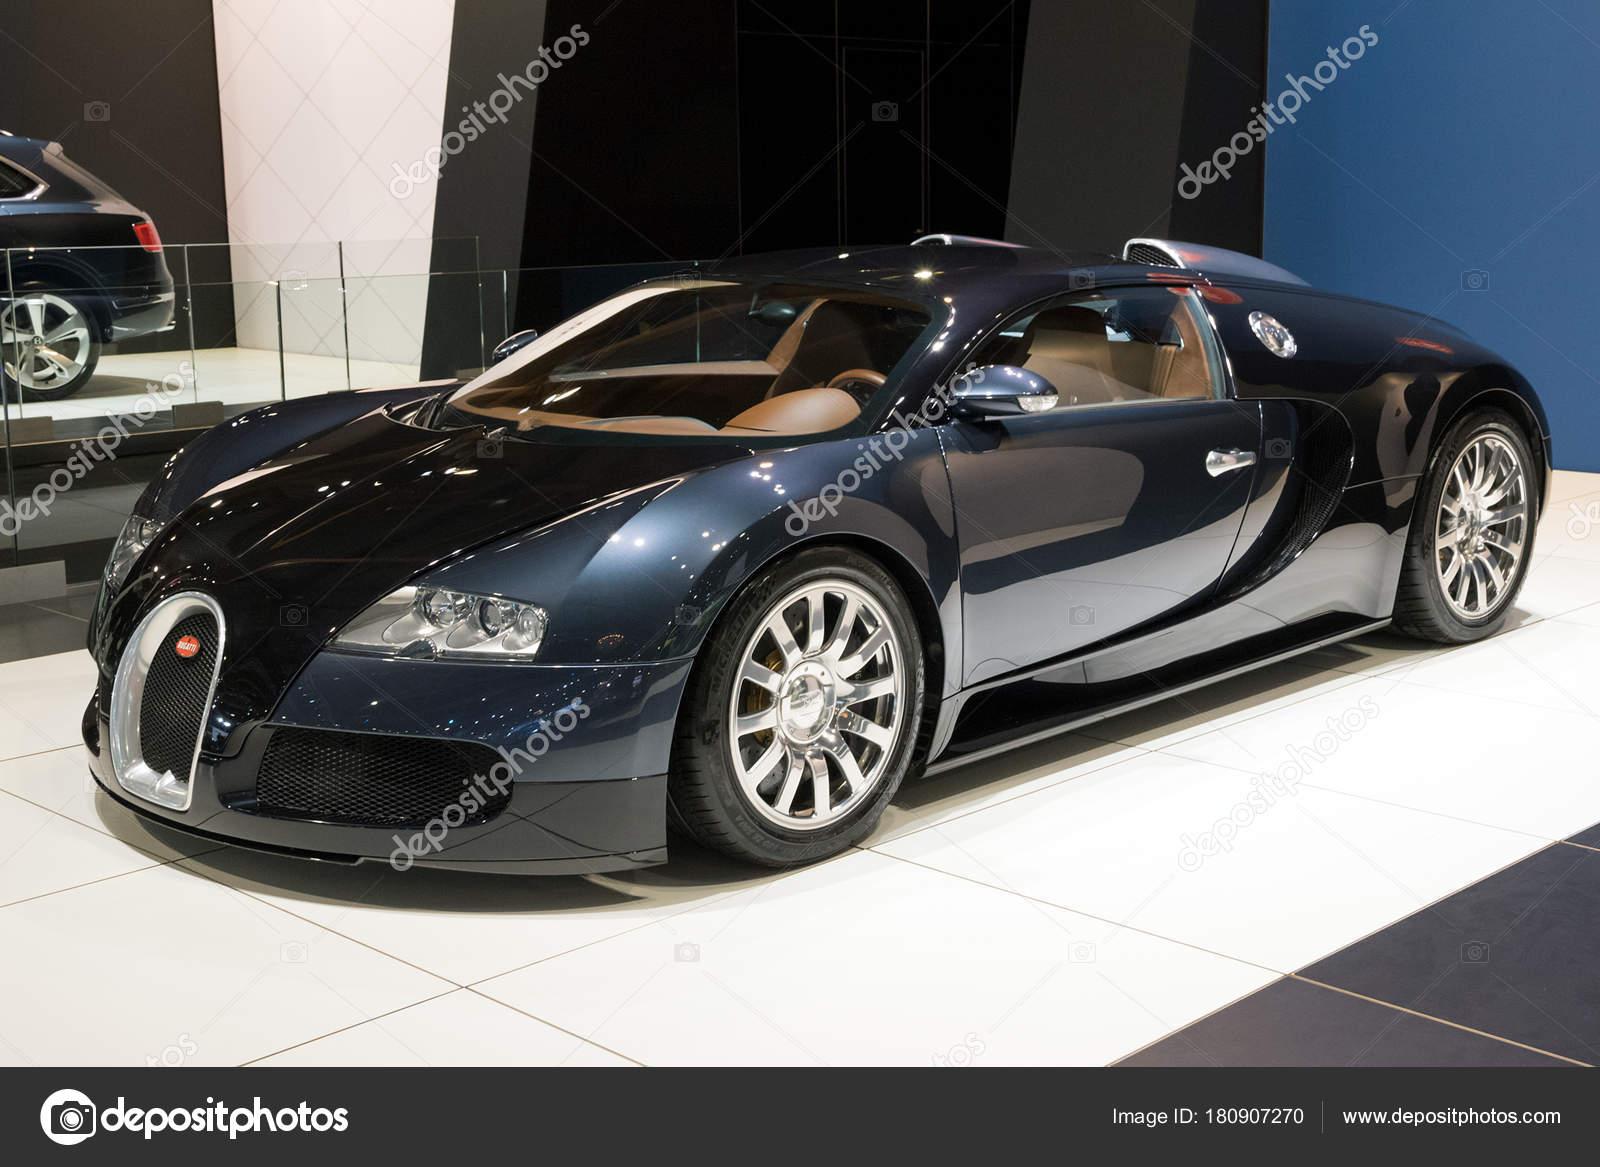 bugatti veyron 2018. brussels - jan 10, 2018: bugatti veyron sports car showcased at the brussels motor show. \u2014 photo by foto-vdw 2018